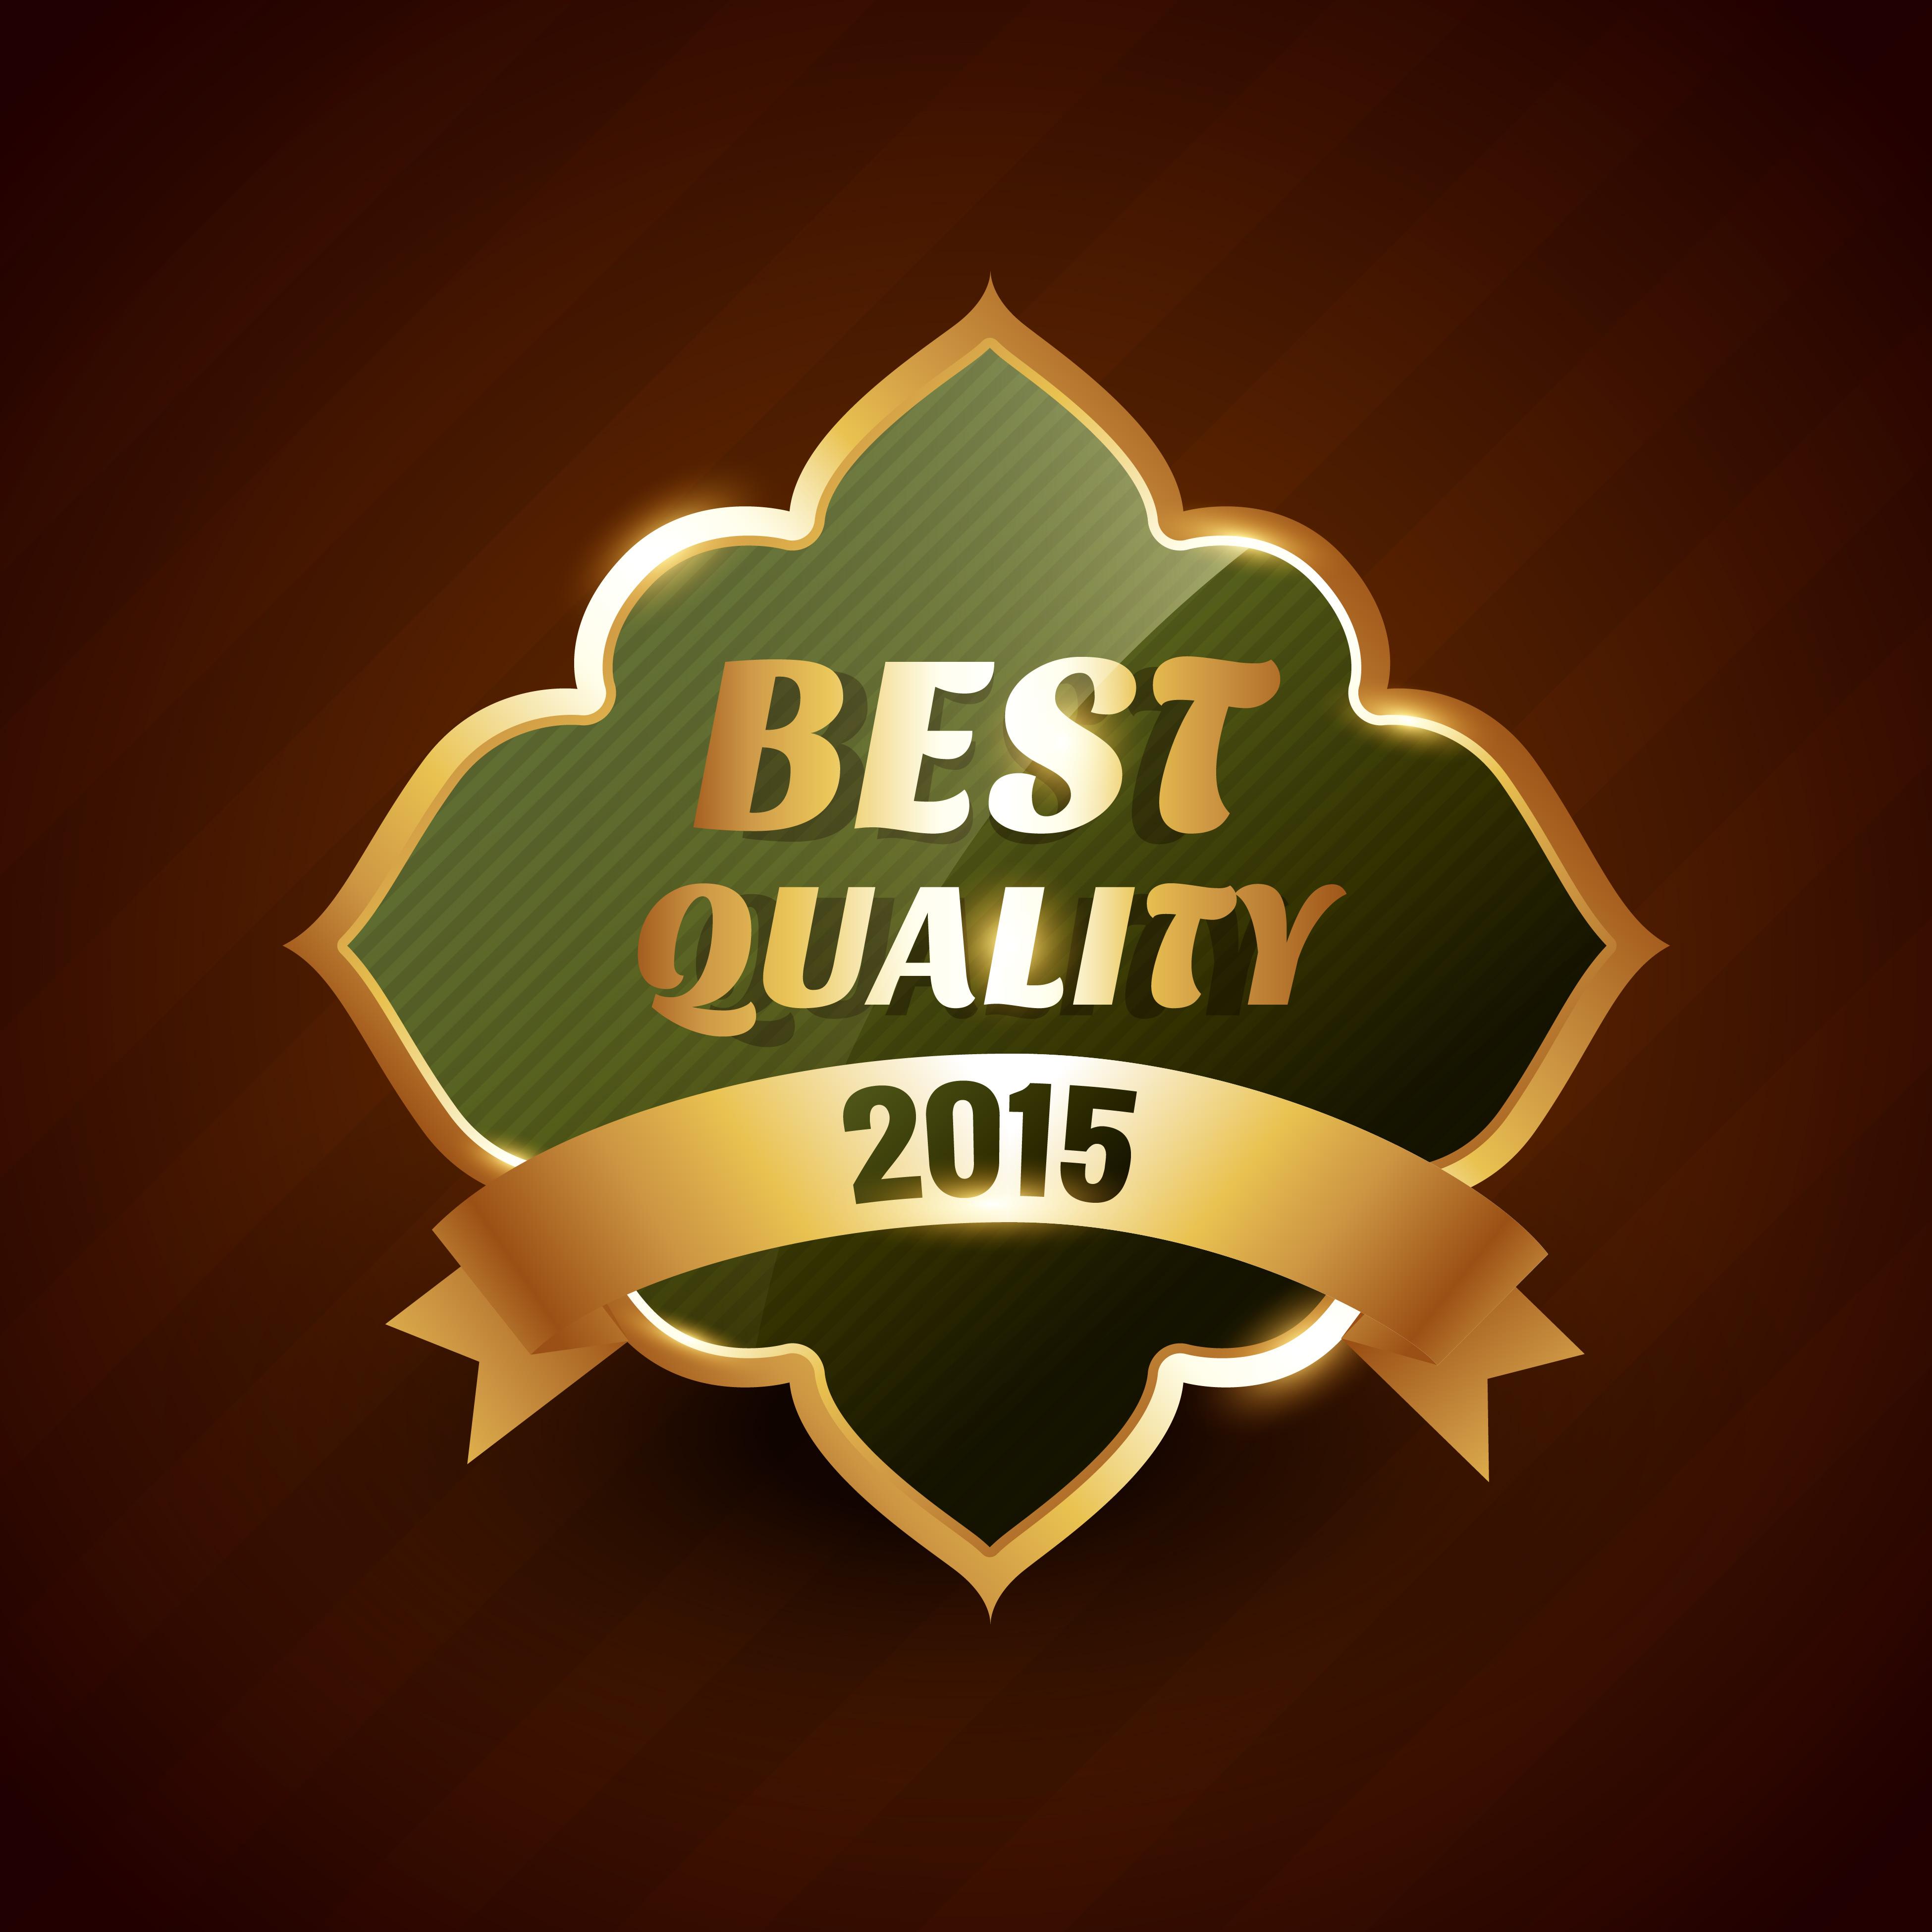 Best Quality Of 2015 Golden Label Badge Design Symbol